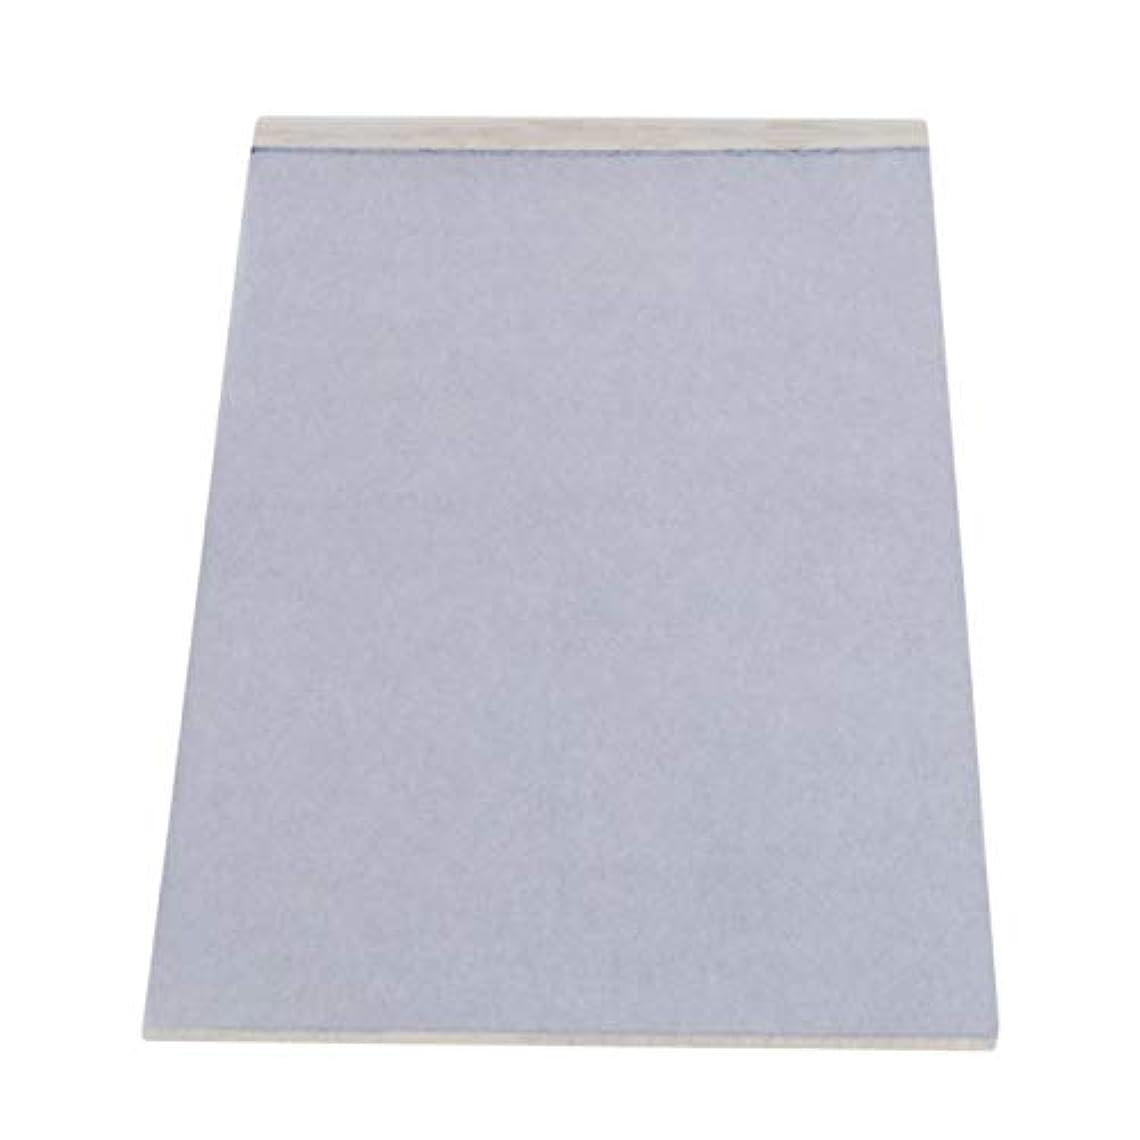 変更可能軍残高Bigsweety タトゥー 転写用紙 5枚セット ブルー1パック(50枚)タトゥー転写紙 プロのタトゥーツール